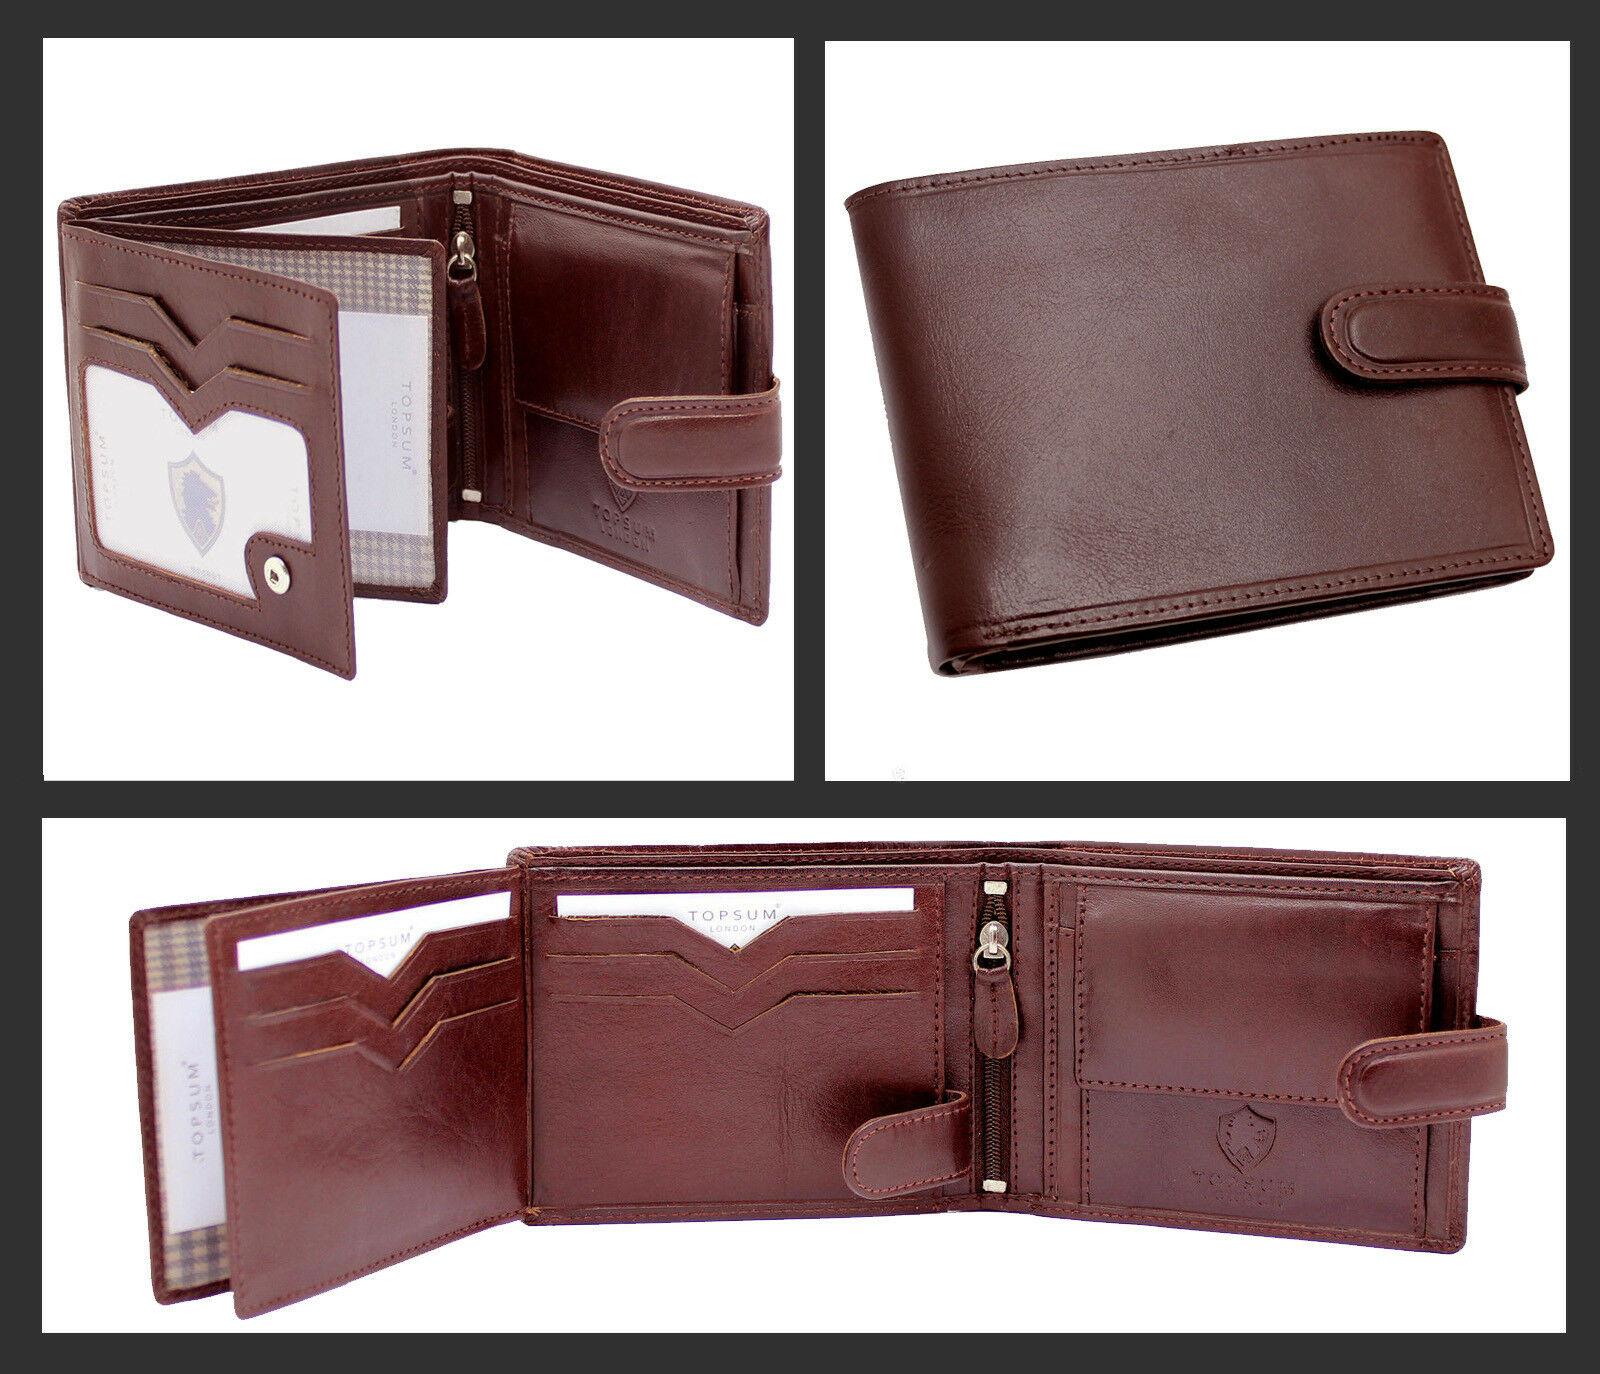 New Topsum London Mens Designer Genuine Leather Billfold Wallet Purse 4014 Brown